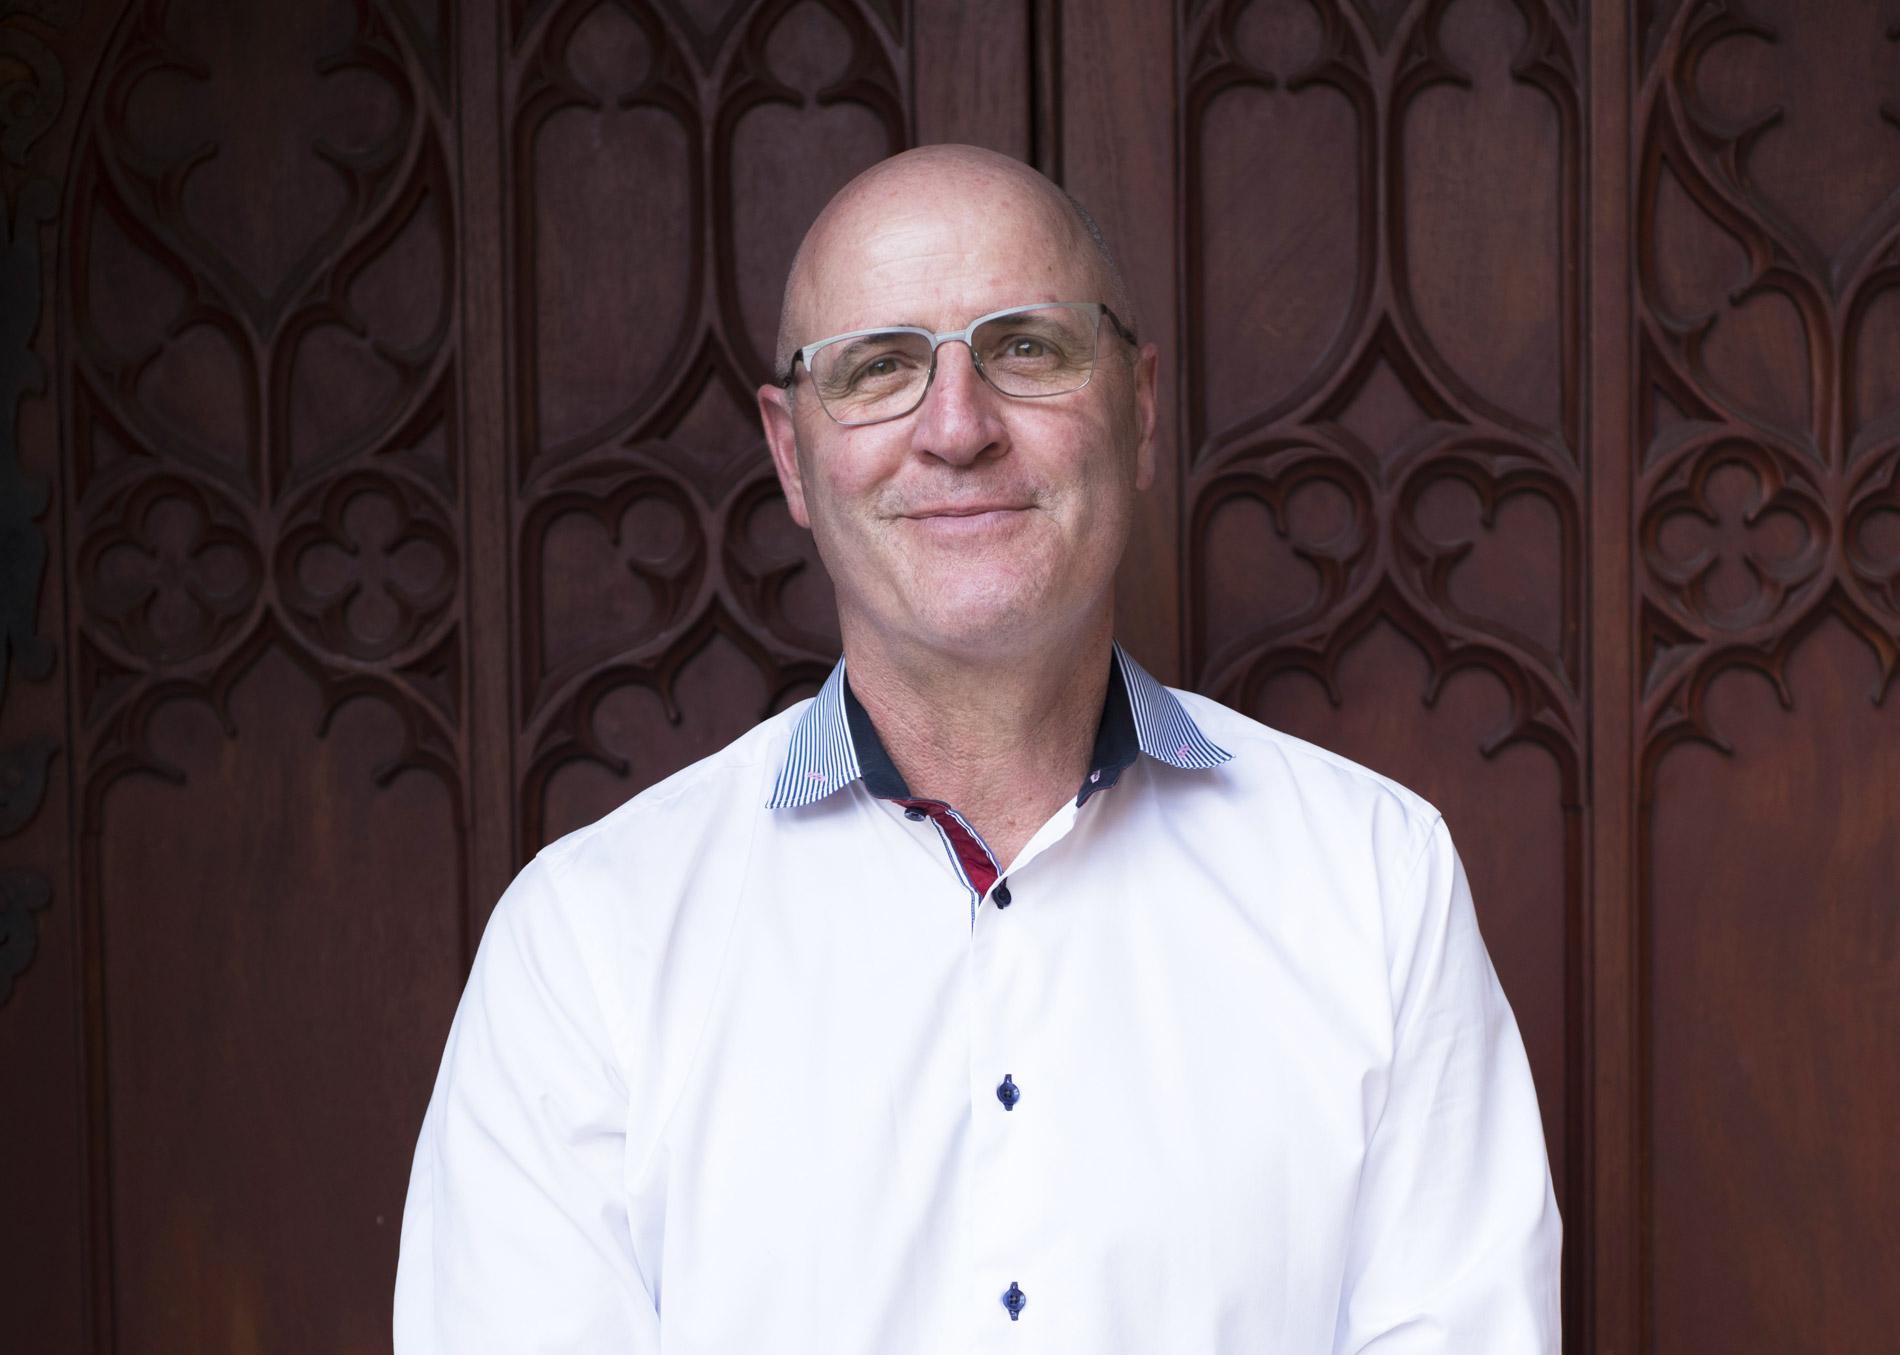 Phillip Pogson